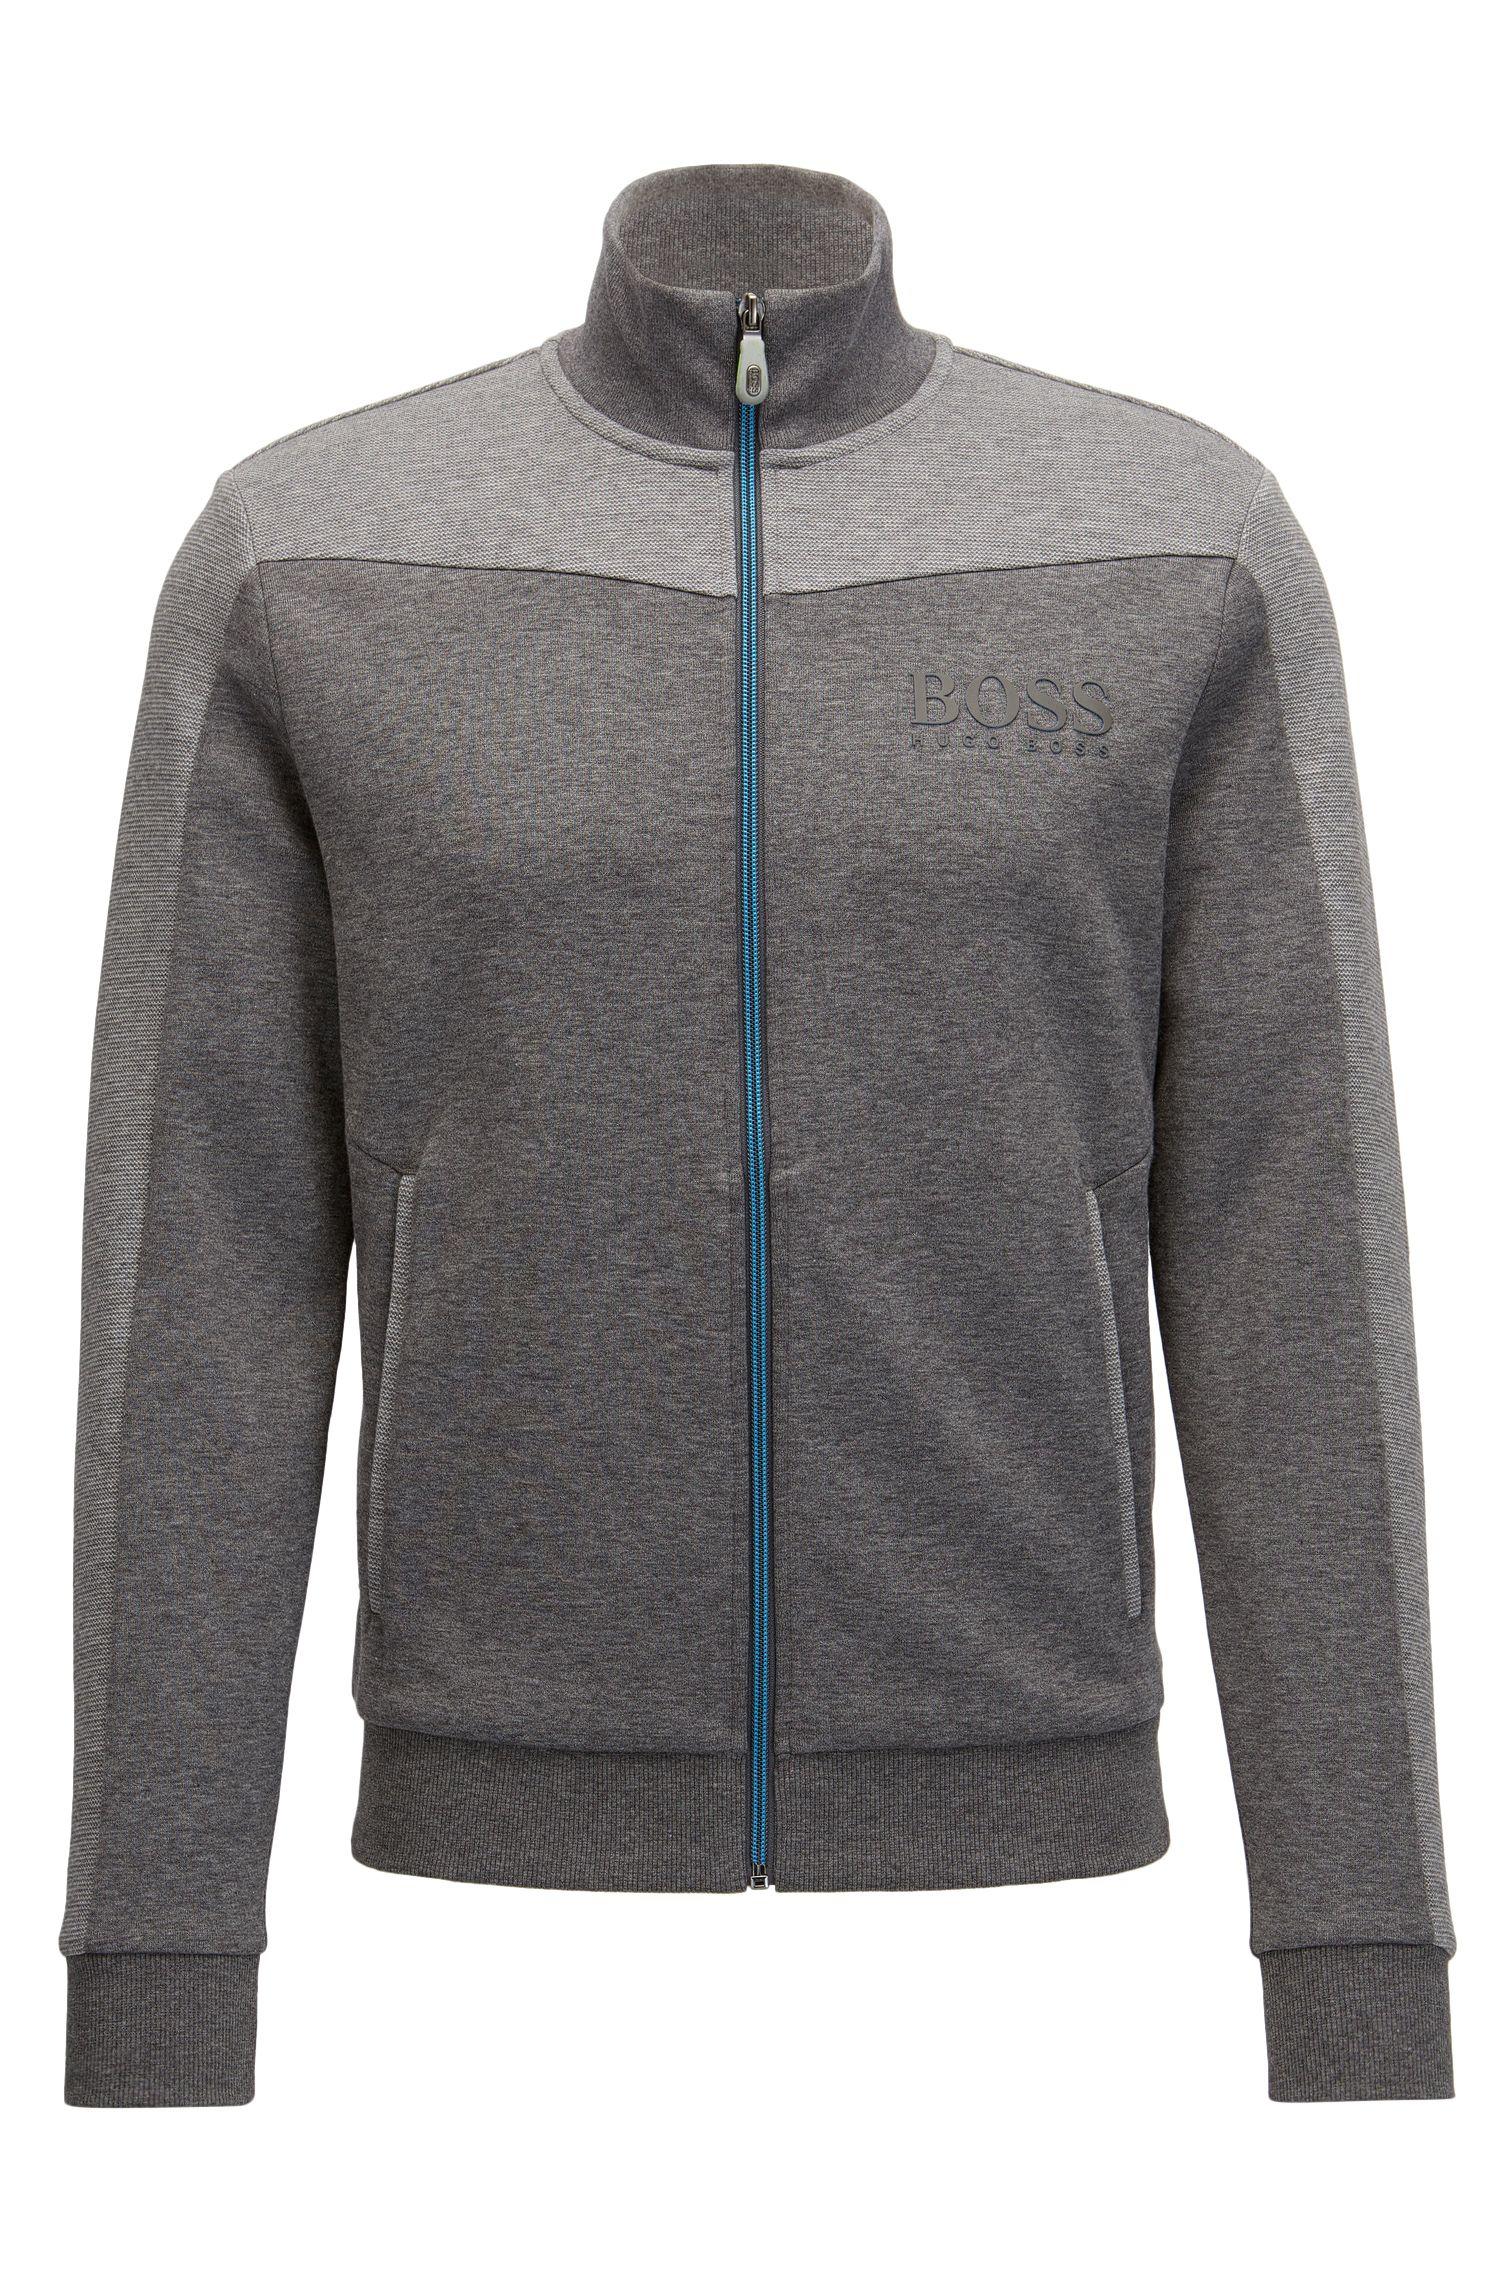 Cotton Blend Full-Zip Jacket | Skaz, Grey